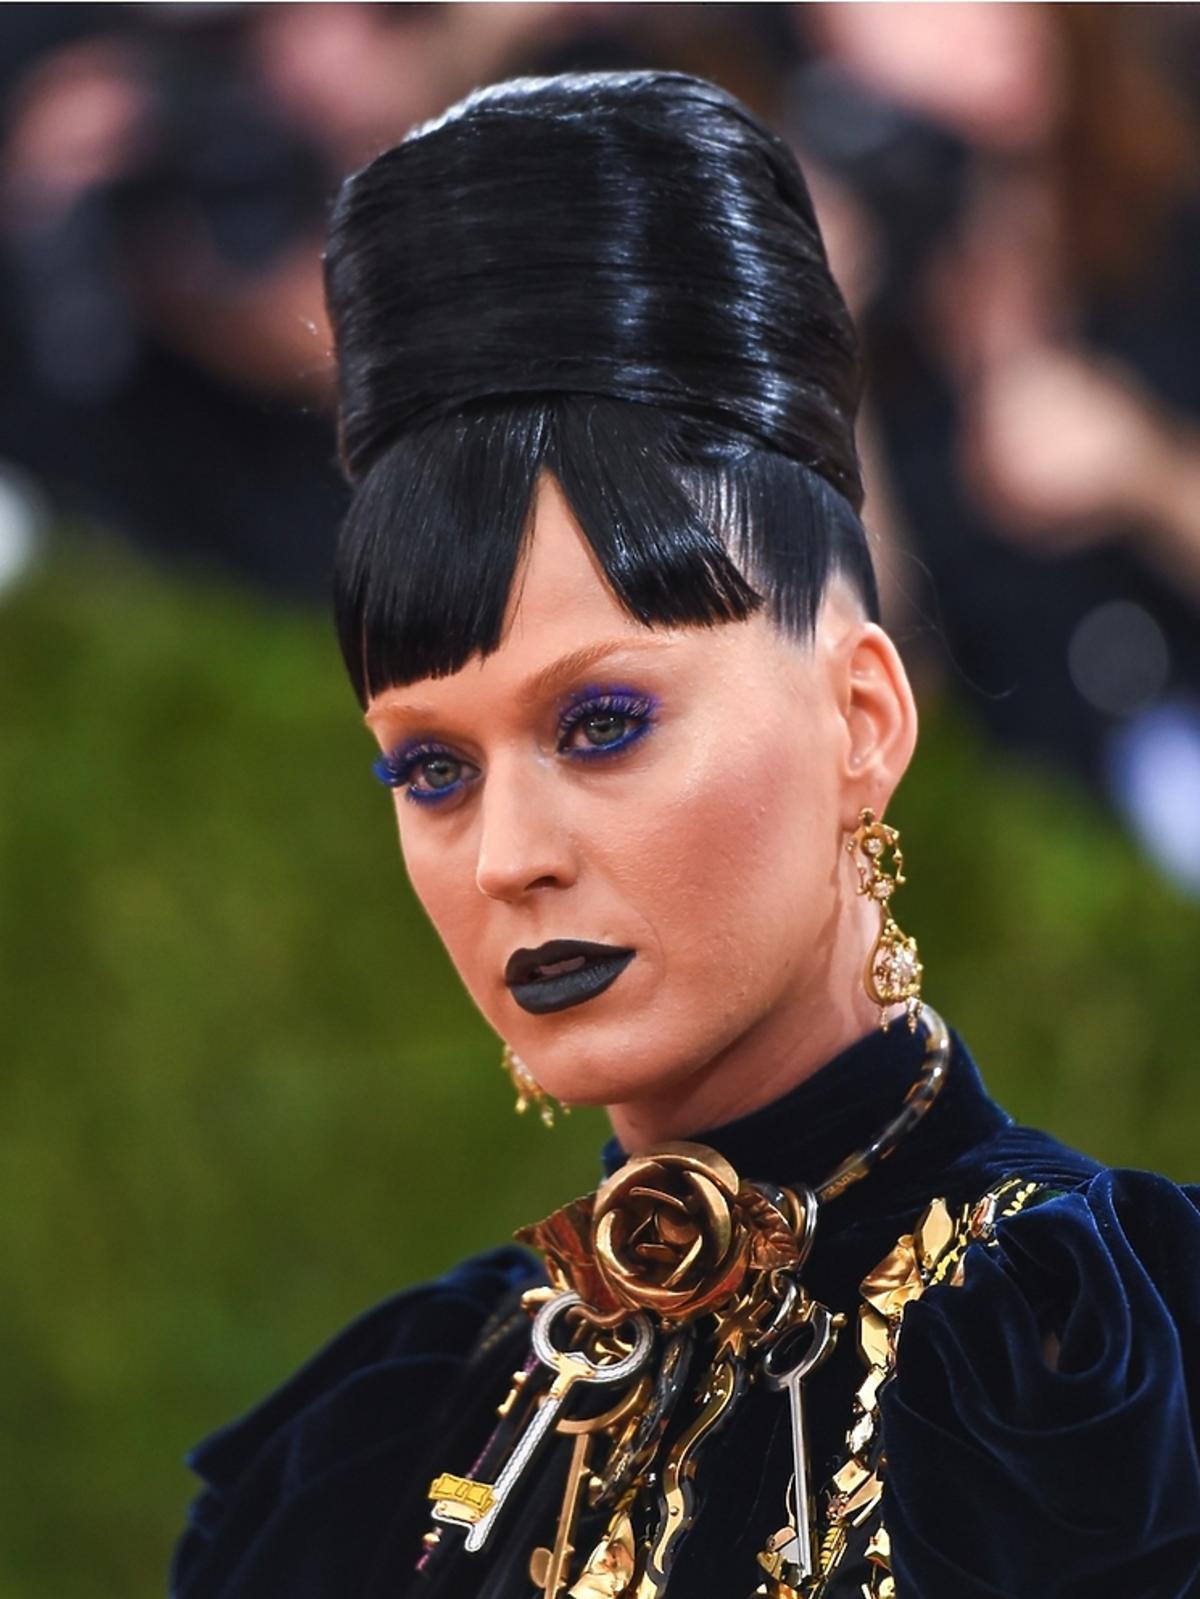 Katy Perry w wysokim koku, czarnych ustach i niebieskich rzęsach